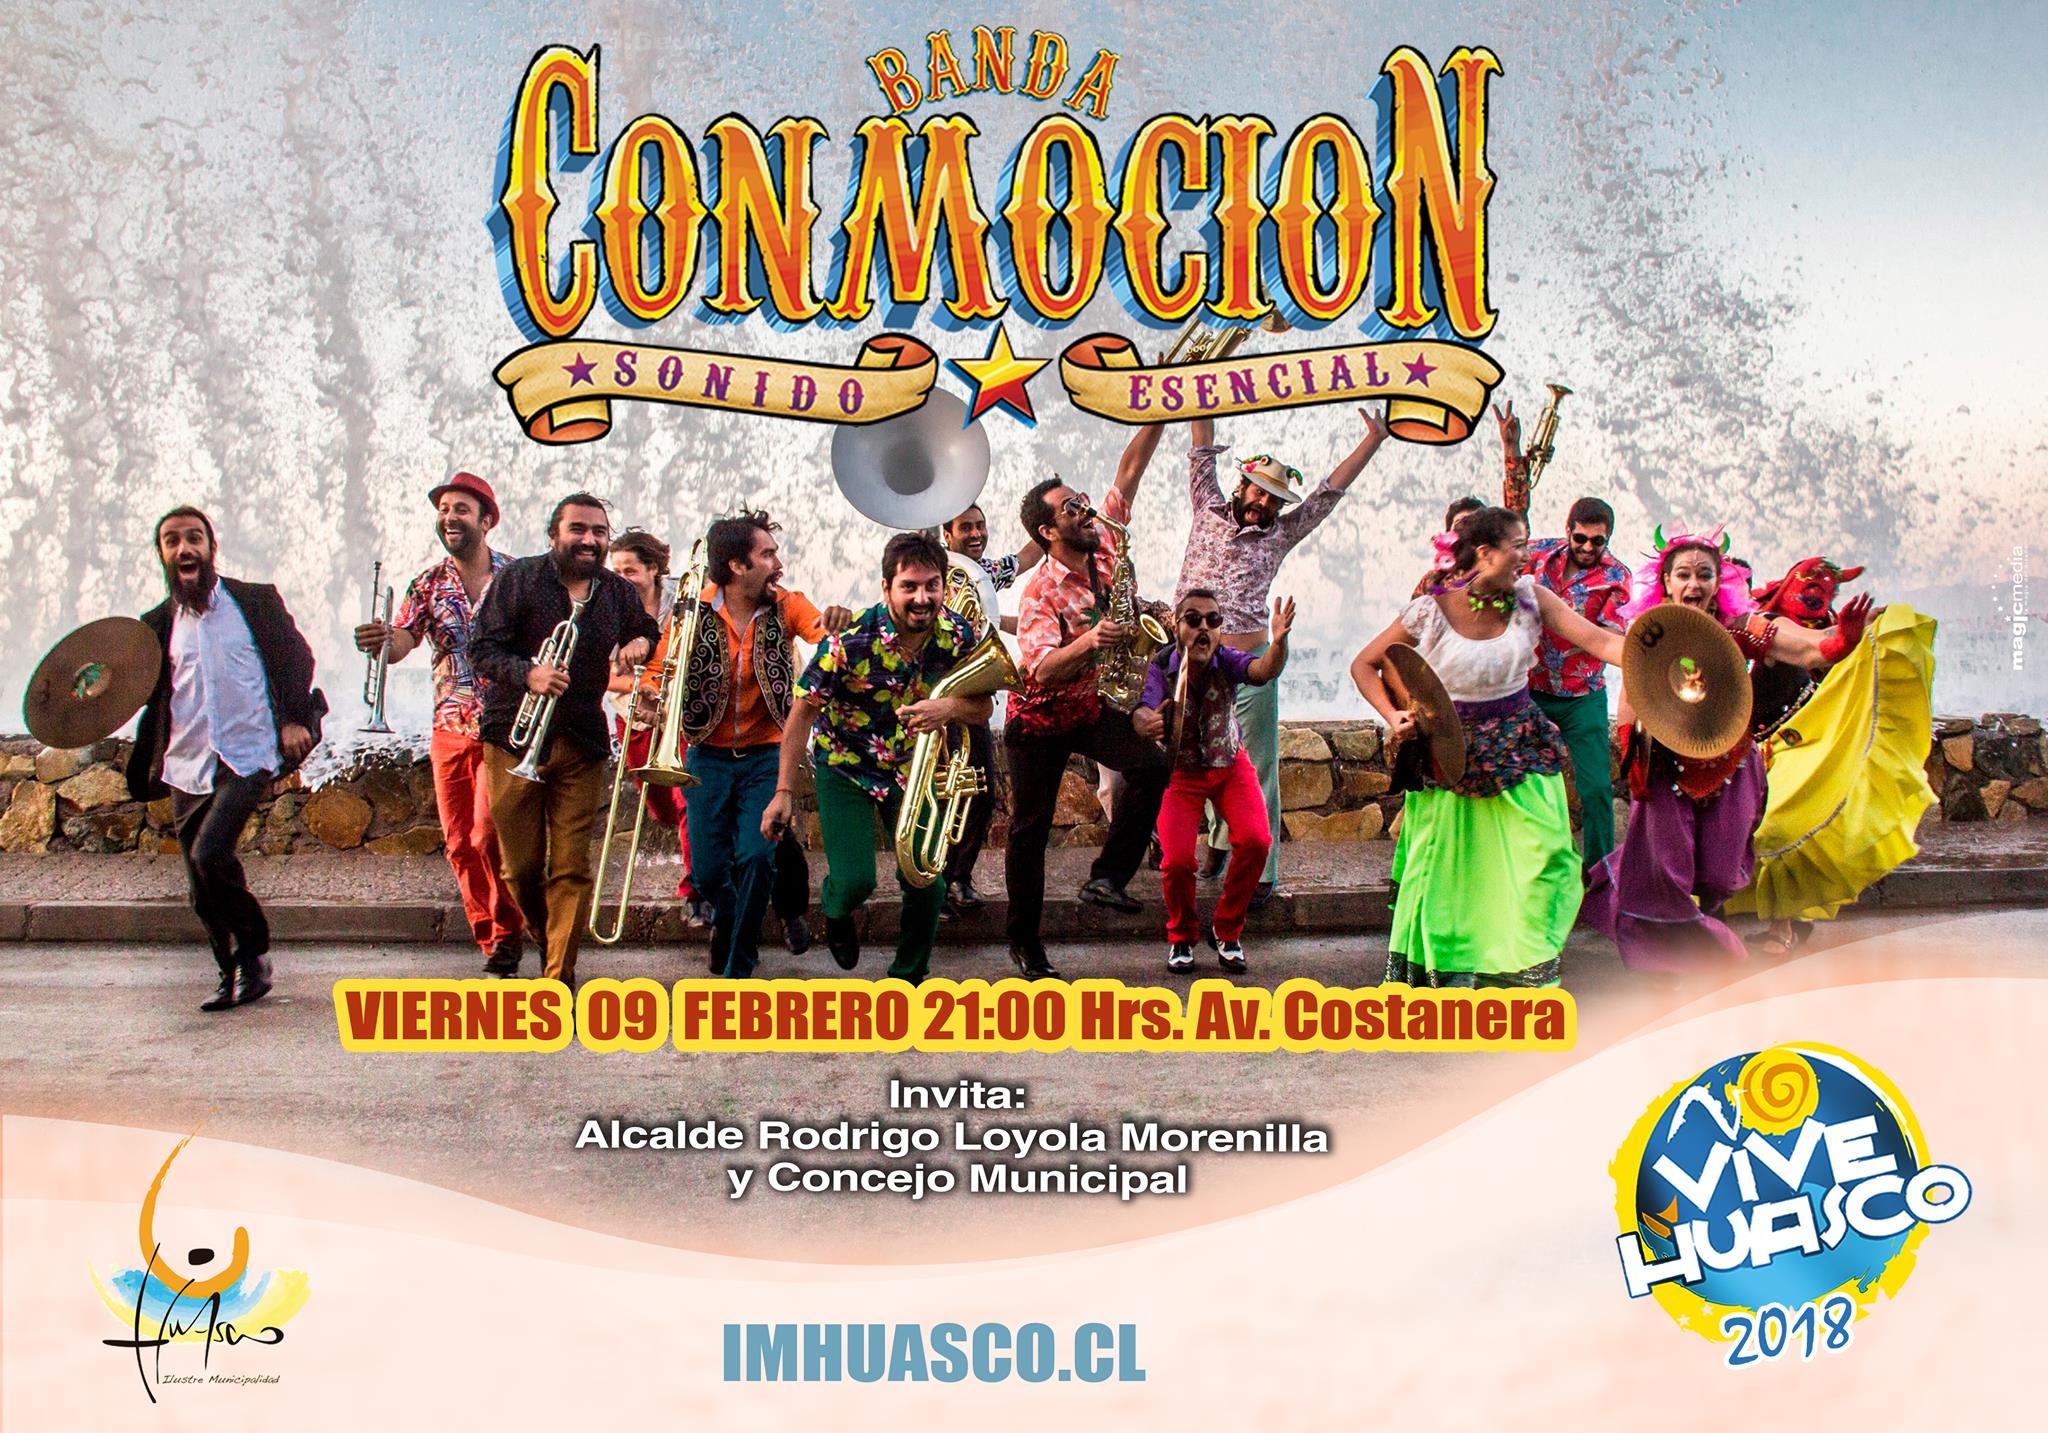 Hoy se presenta la Banda Conmoción en Huasco